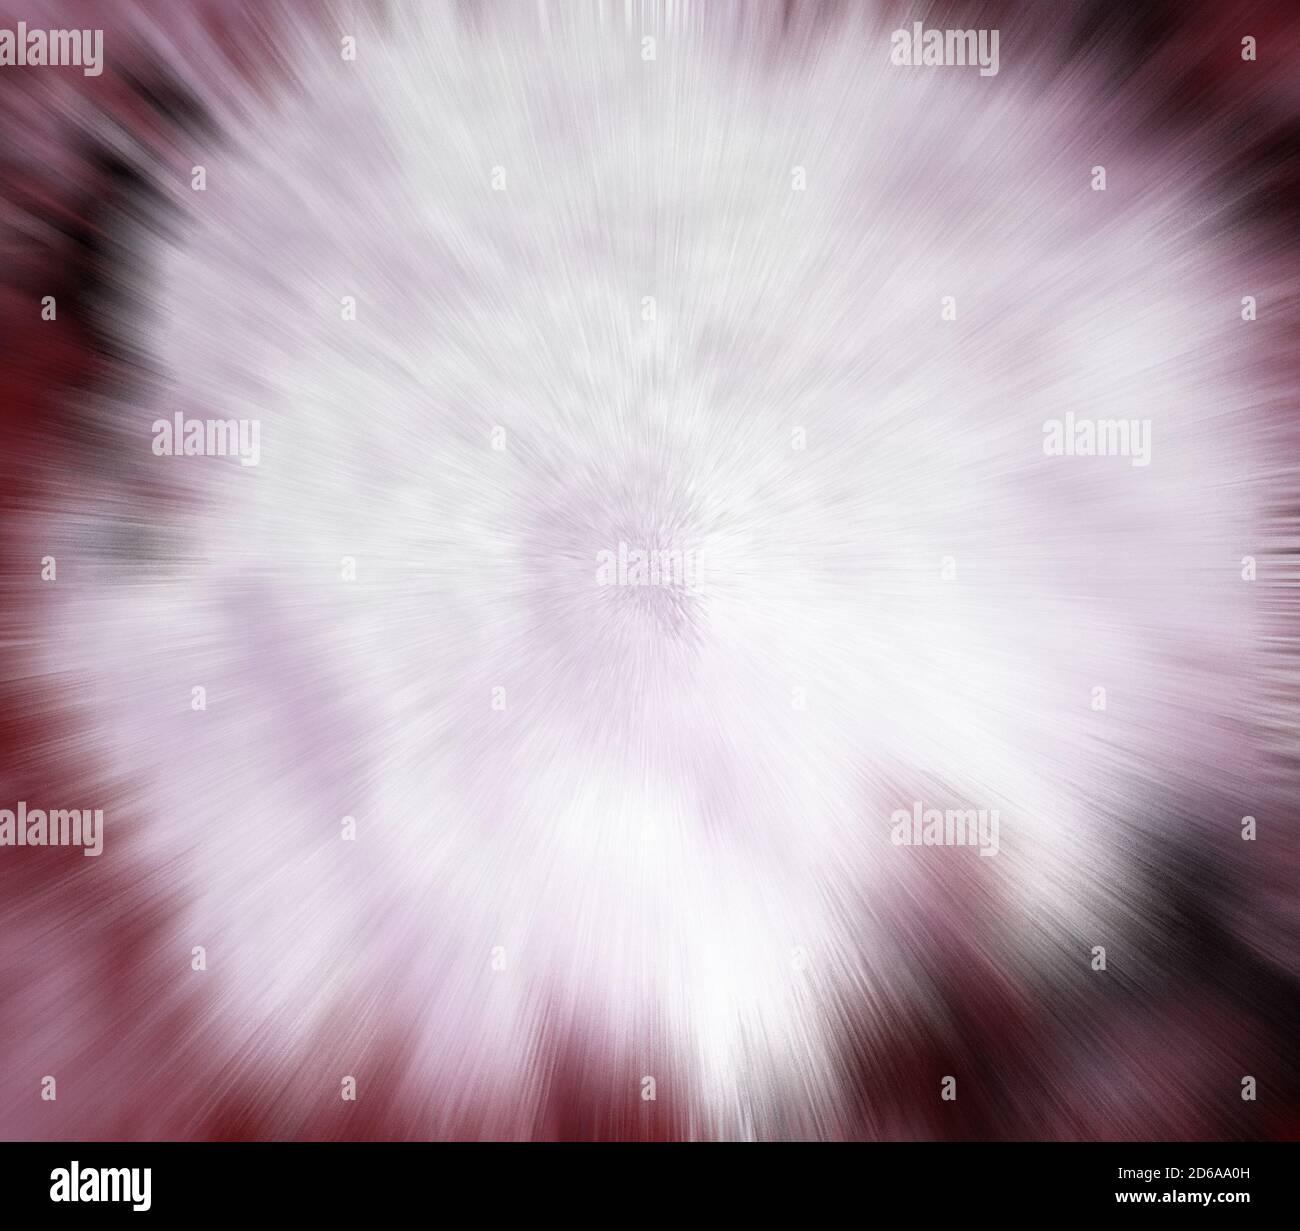 Explosión de energía explosiva fondo, papel pintado gráfico, espacio para texto, copia, concepto de energía, energía, explosión, explosión de dinamita, bomba Foto de stock